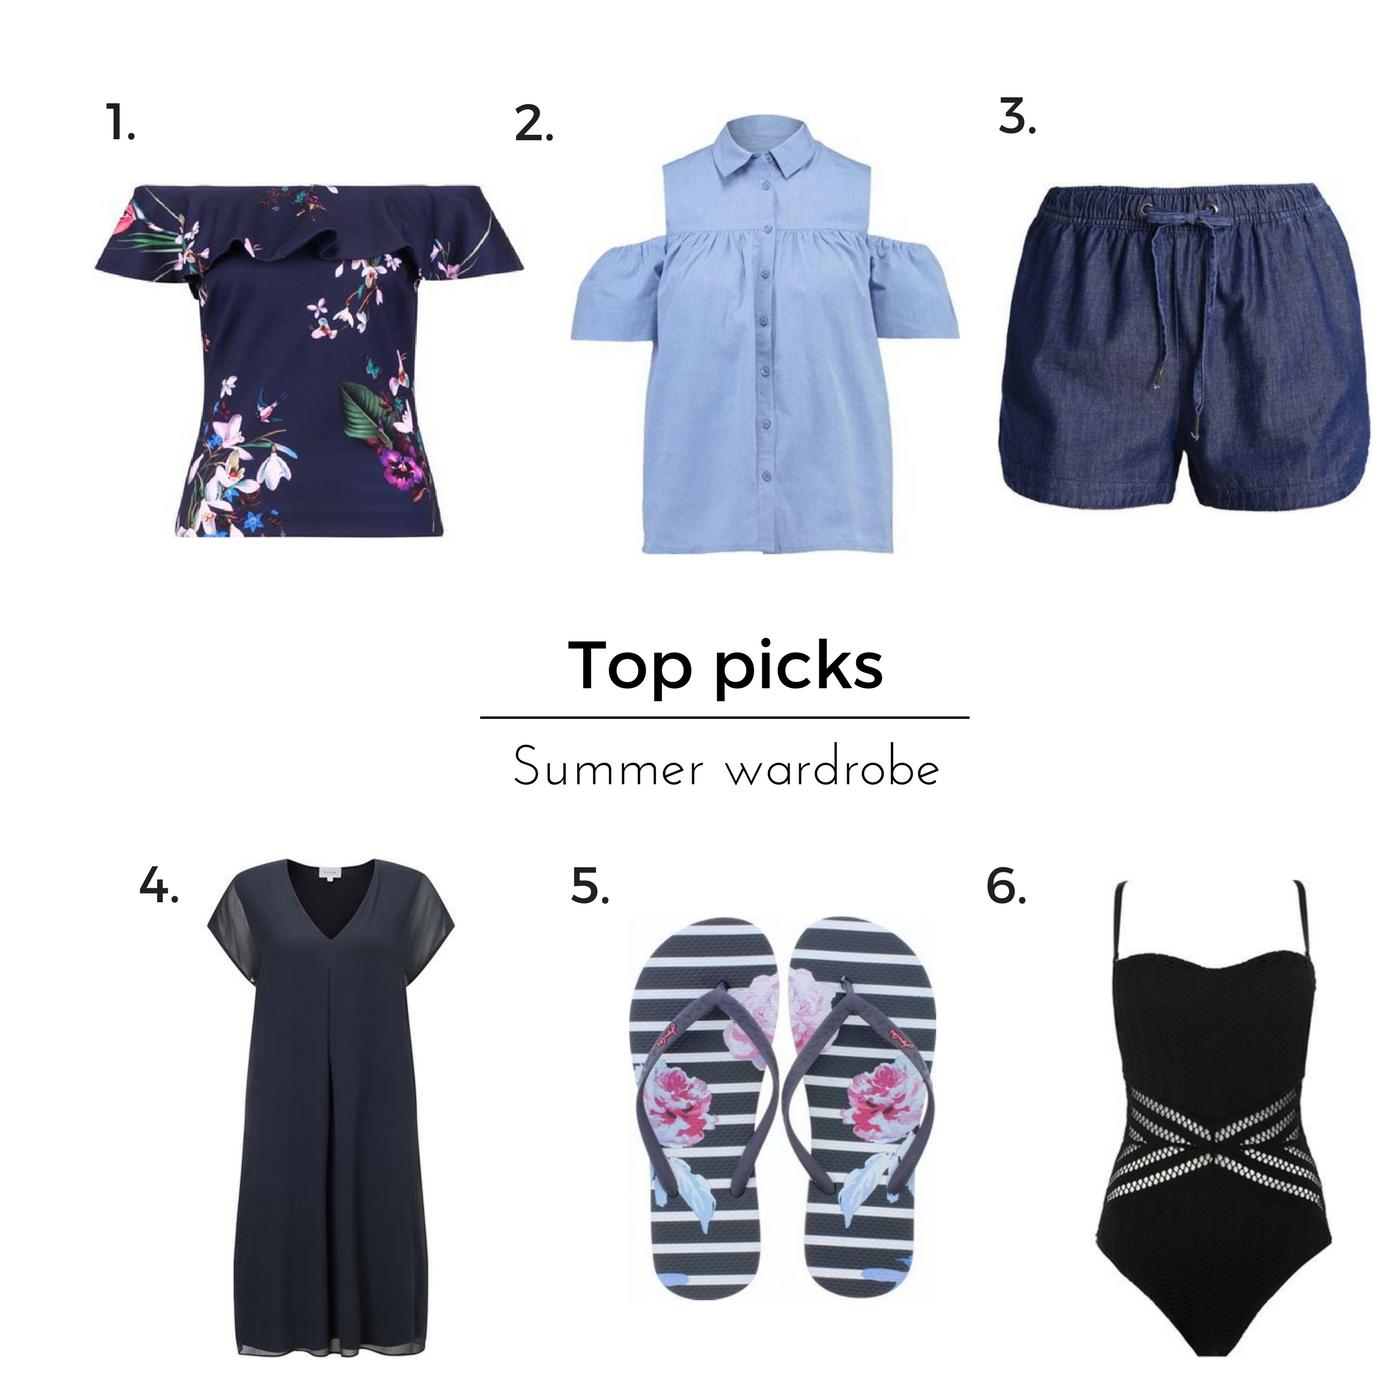 Top summer wardrobe picks